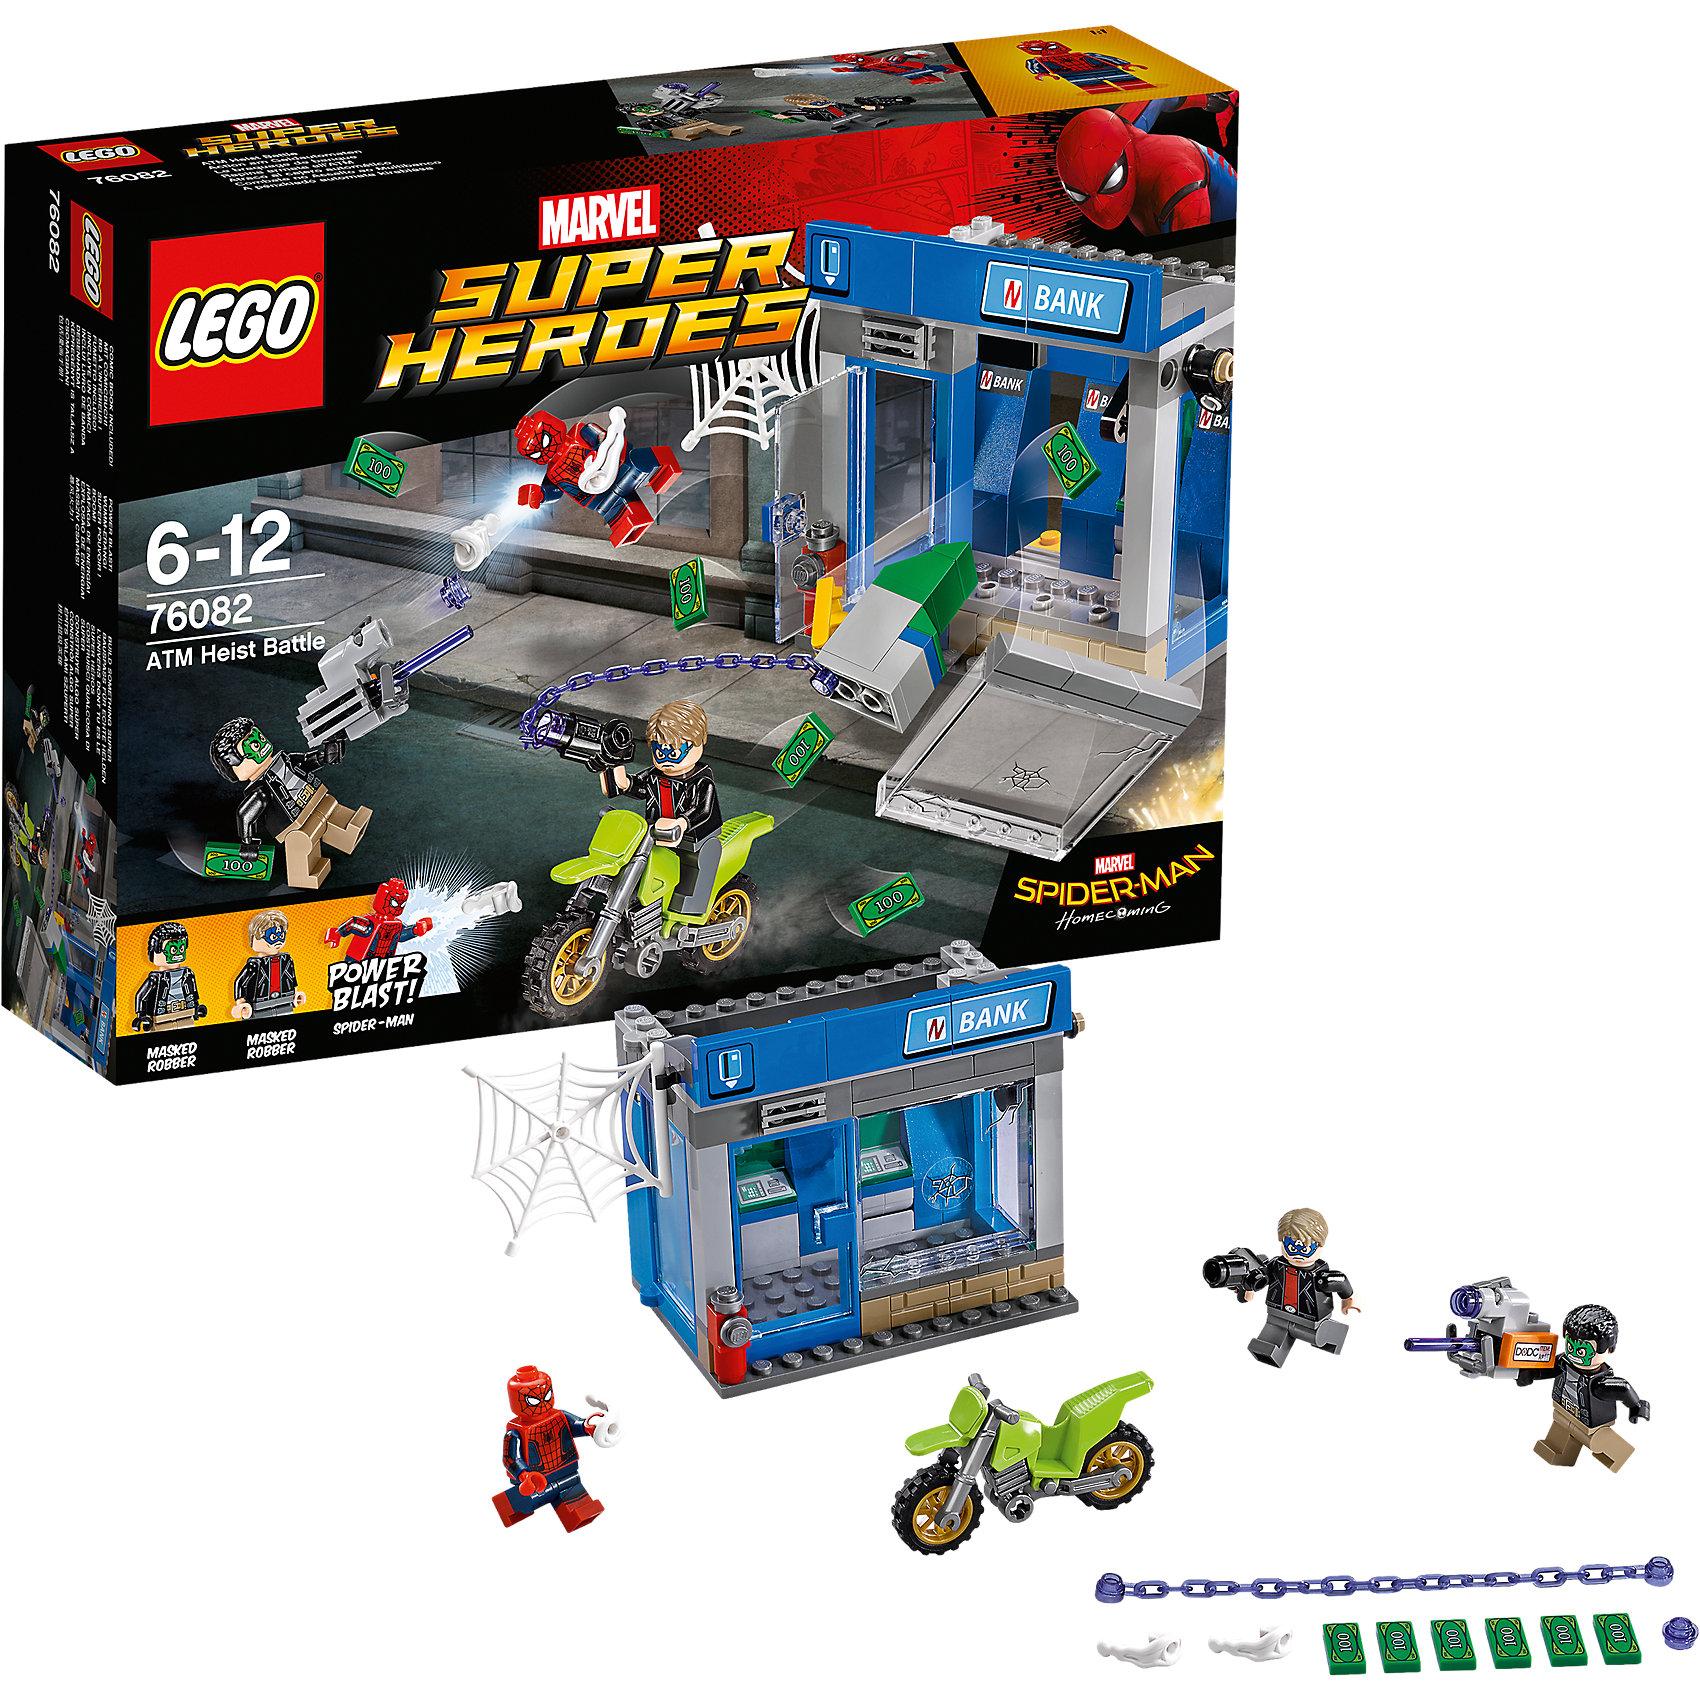 Конструктор Lego Super Heroes 76082: Ограбление банкоматаПластмассовые конструкторы<br>Характеристики товара:<br><br>• возраст: от 6 лет;<br>• материал: пластик;<br>• в комплекте: 185 деталей;<br>• количество минифигурок: 3;<br>• размер упаковки: 26,2х19,1х6,1 см;<br>• вес упаковки: 350 гр.;<br>• страна производитель: Китай.<br><br>Конструктор Lego Super Heroes «Ограбление банкомата» создан по мотивам фильма «Человек-Паук: Возвращение домой». Грабители под масками Халка и Капитана Америки хотят ограбить банкомат, а Человек-Паук спешит им в этом помешать. <br><br>Из элементов конструктора предстоит собрать 3 фигурки персонажей, банк и мотоцикл. Все детали выполнены из качественных безопасных материалов. В процессе сборки конструктора у детей развиваются мелкая моторика рук, усидчивость, логическое мышление.<br><br>Конструктор Lego Super Heroes «Ограбление банкомата» можно приобрести в нашем интернет-магазине.<br><br>Ширина мм: 264<br>Глубина мм: 192<br>Высота мм: 66<br>Вес г: 350<br>Возраст от месяцев: 72<br>Возраст до месяцев: 2147483647<br>Пол: Мужской<br>Возраст: Детский<br>SKU: 5620013